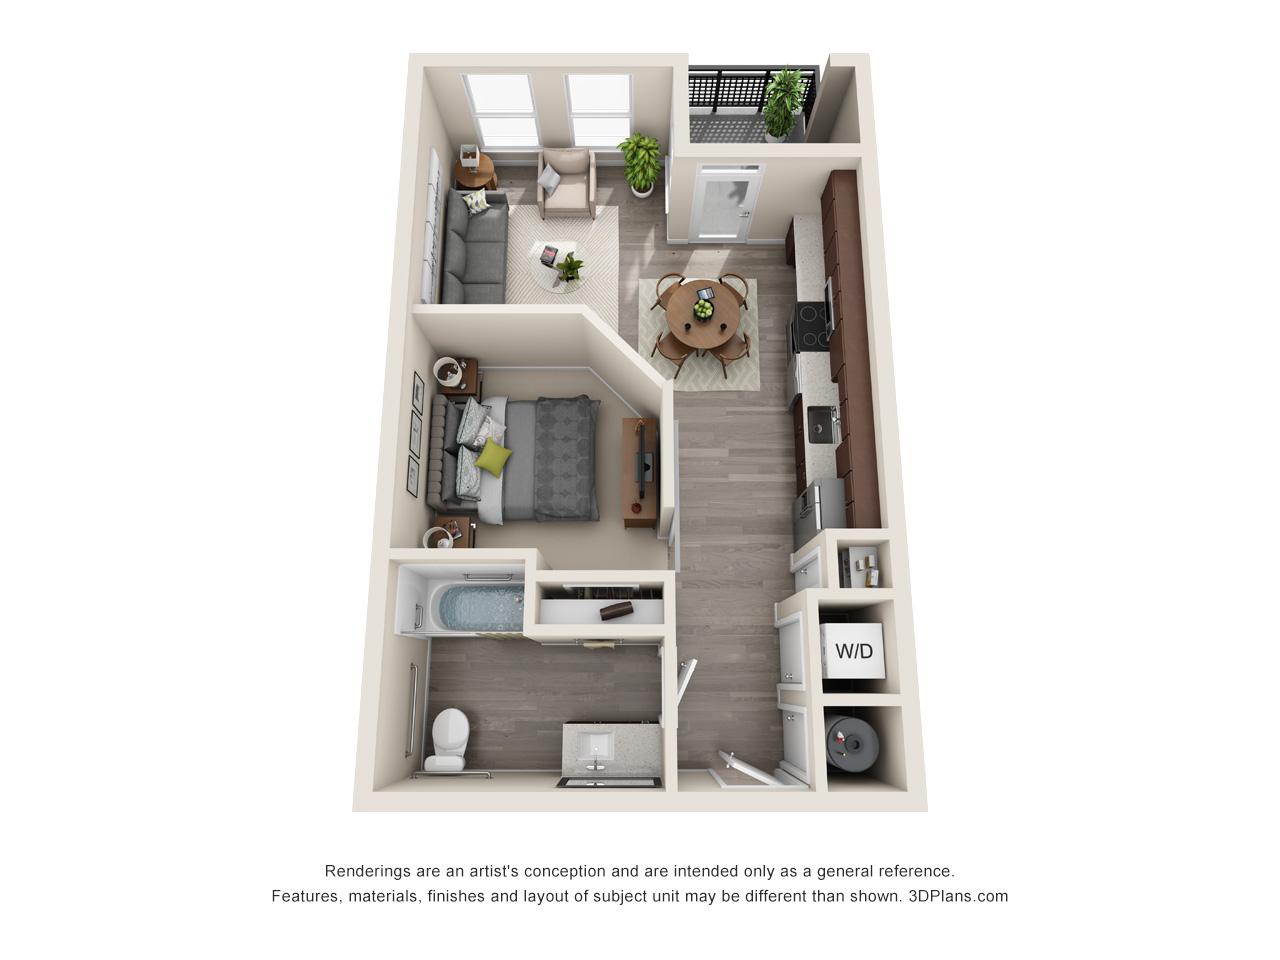 1 2 Bedroom Apartments In San Antonio Tx The Baldwin